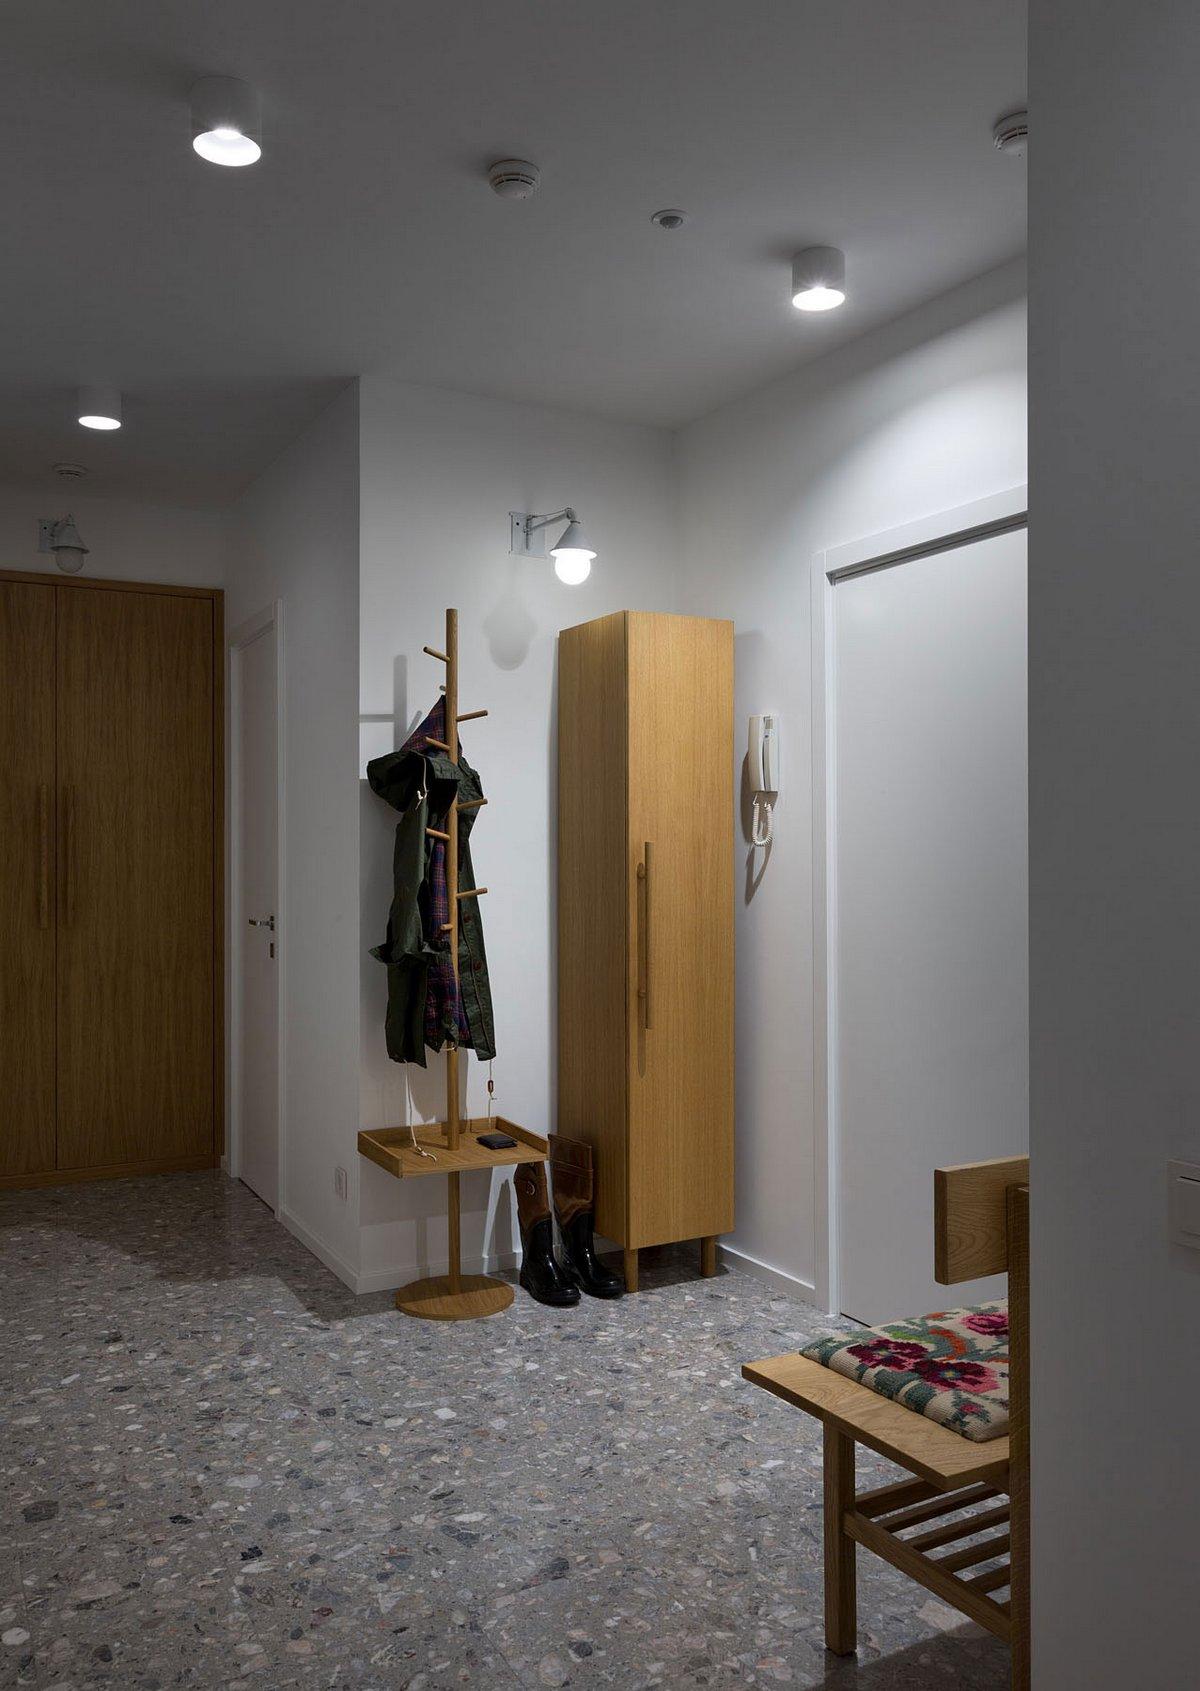 Apartment with Deer, Алена Юдина, Киев, Украина, квартира в Киеве, красивые квартиры Киев фото, современная квартира интерьер фото, Андрей Авдеенко